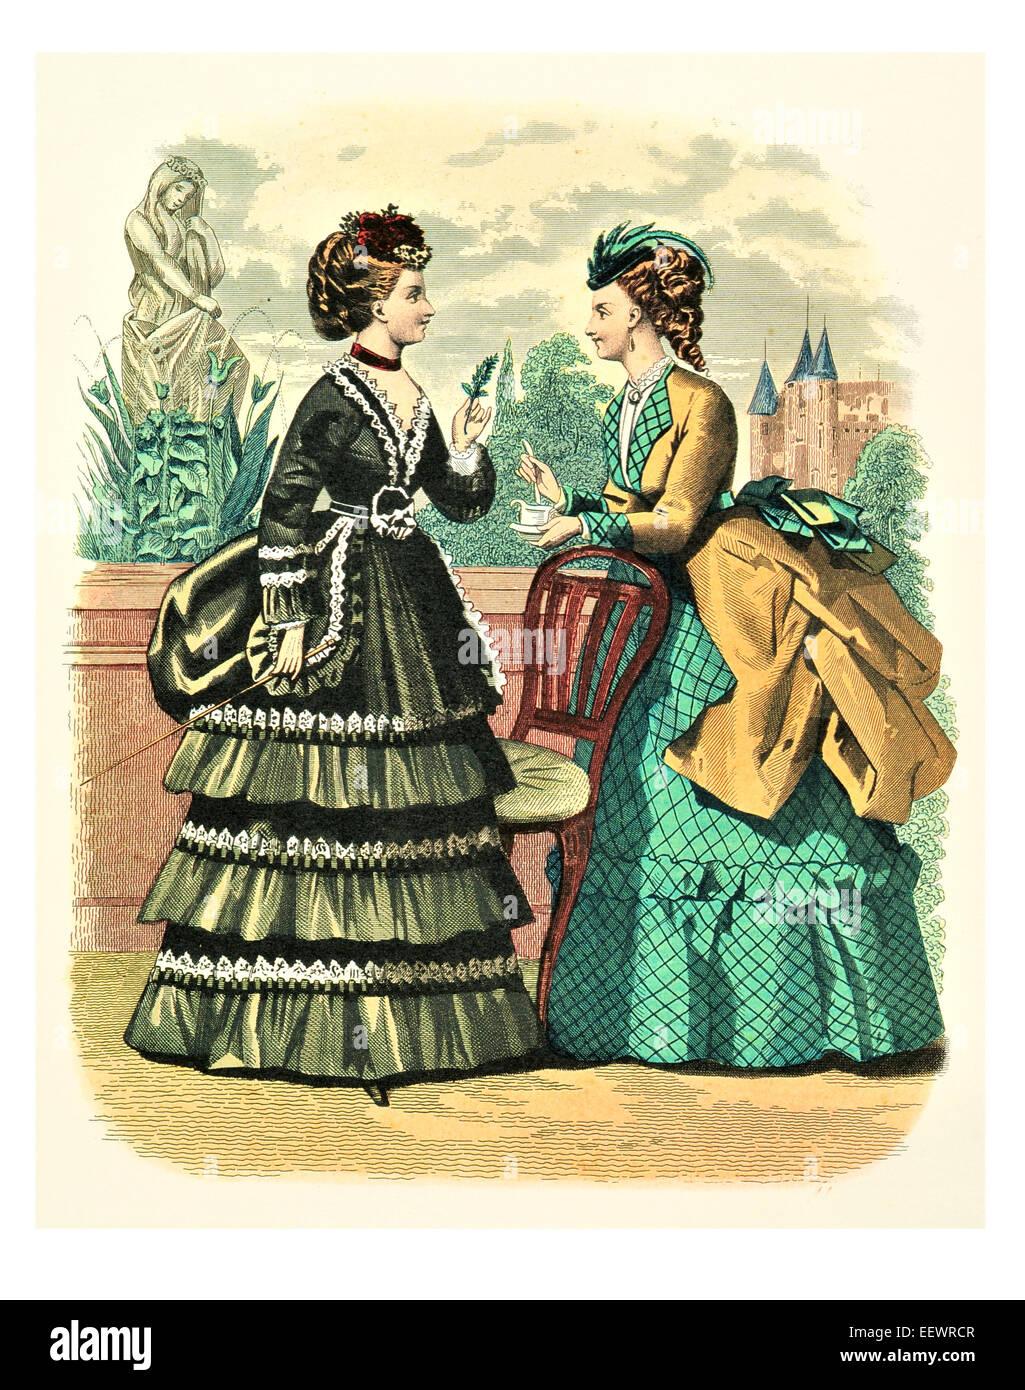 La Mode Illustree Victorian Era Period Costume Fashion